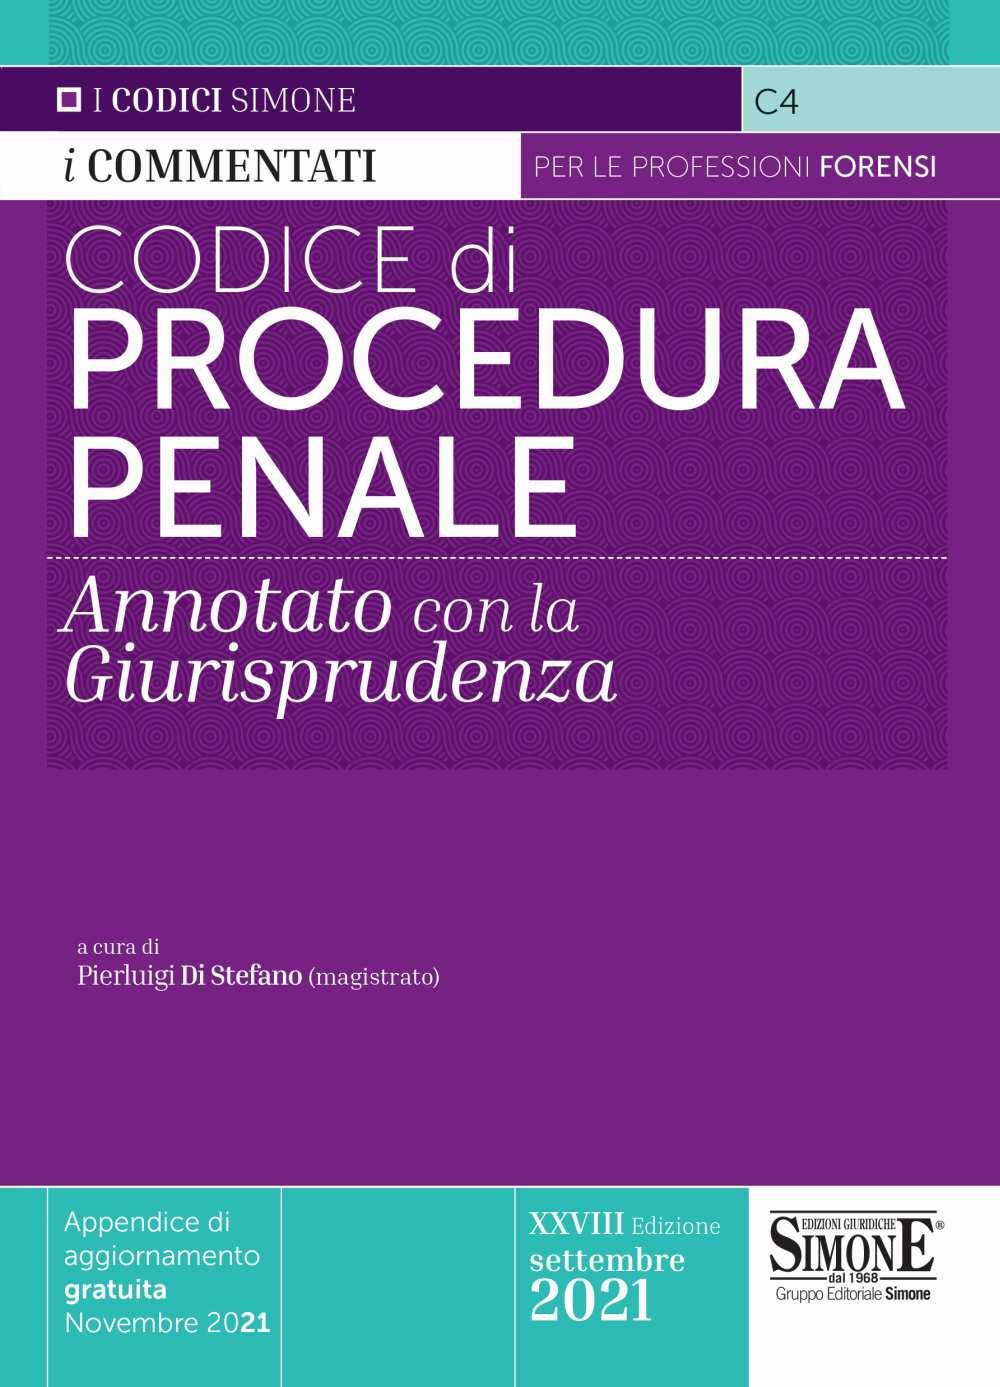 Codice di Procedura Penale commentato